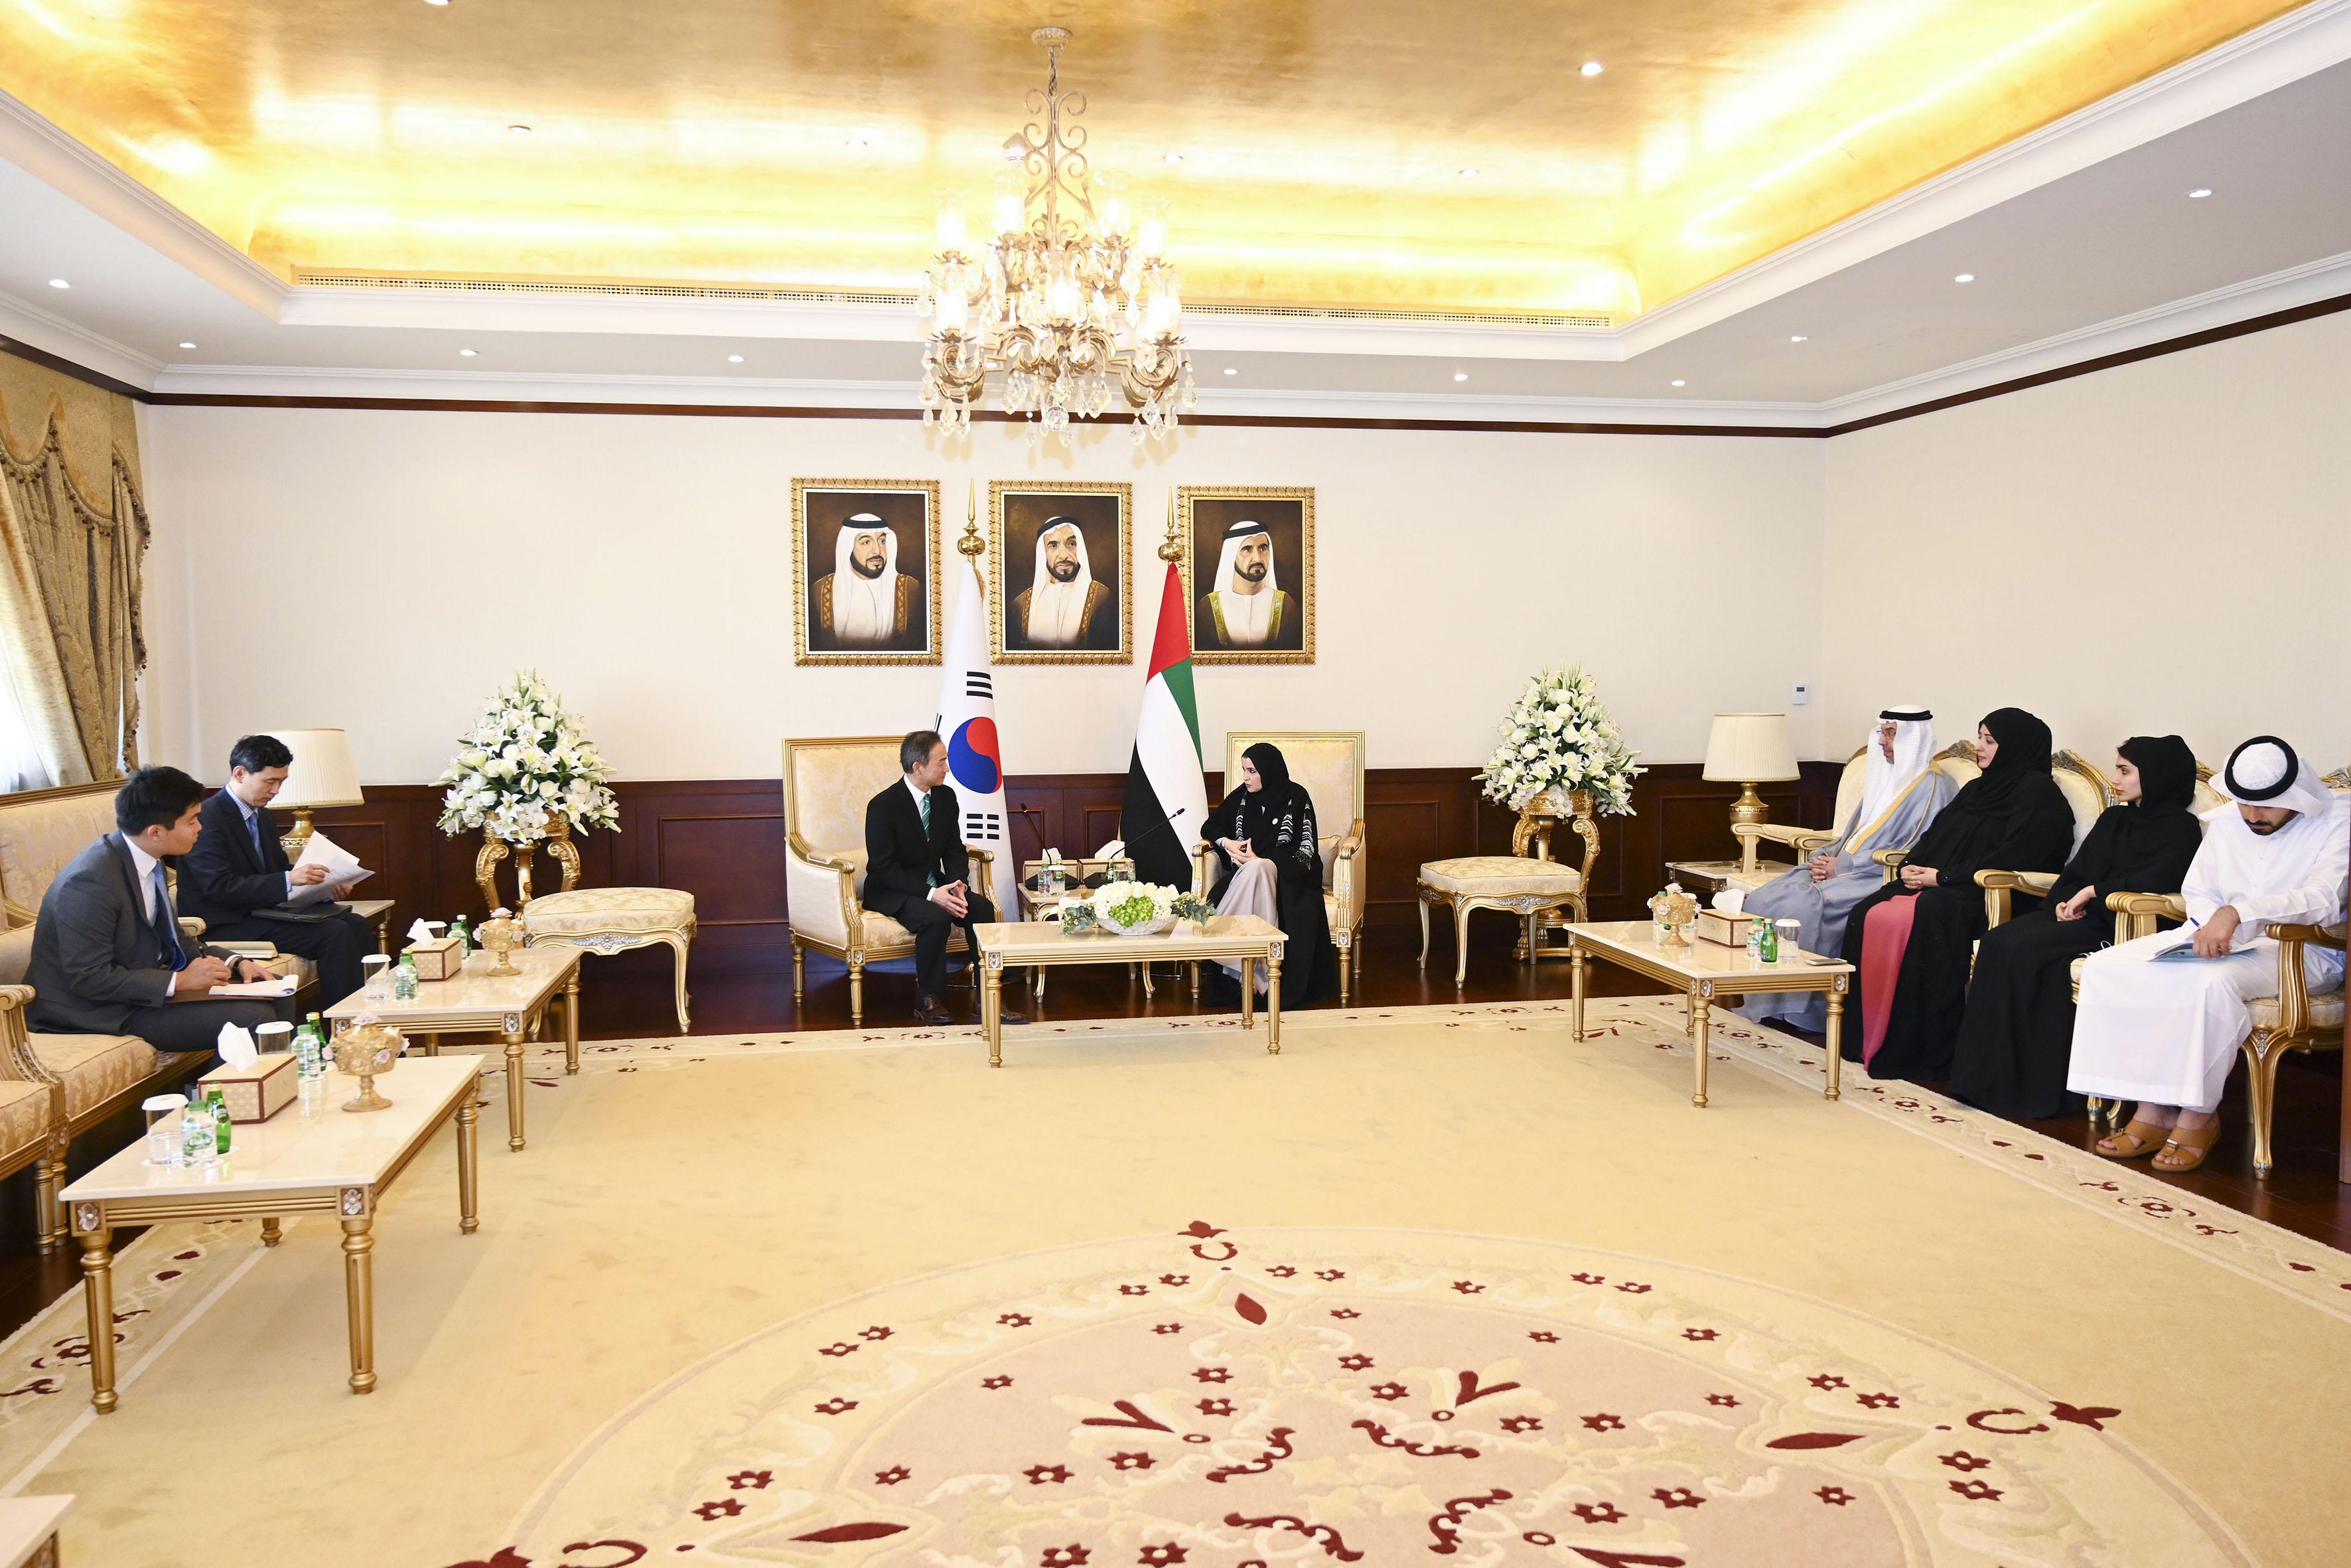 أمل القبيسي تبحث مع سفير كوريا الجنوبية تعزيزعلاقات التعاون البرلمانية